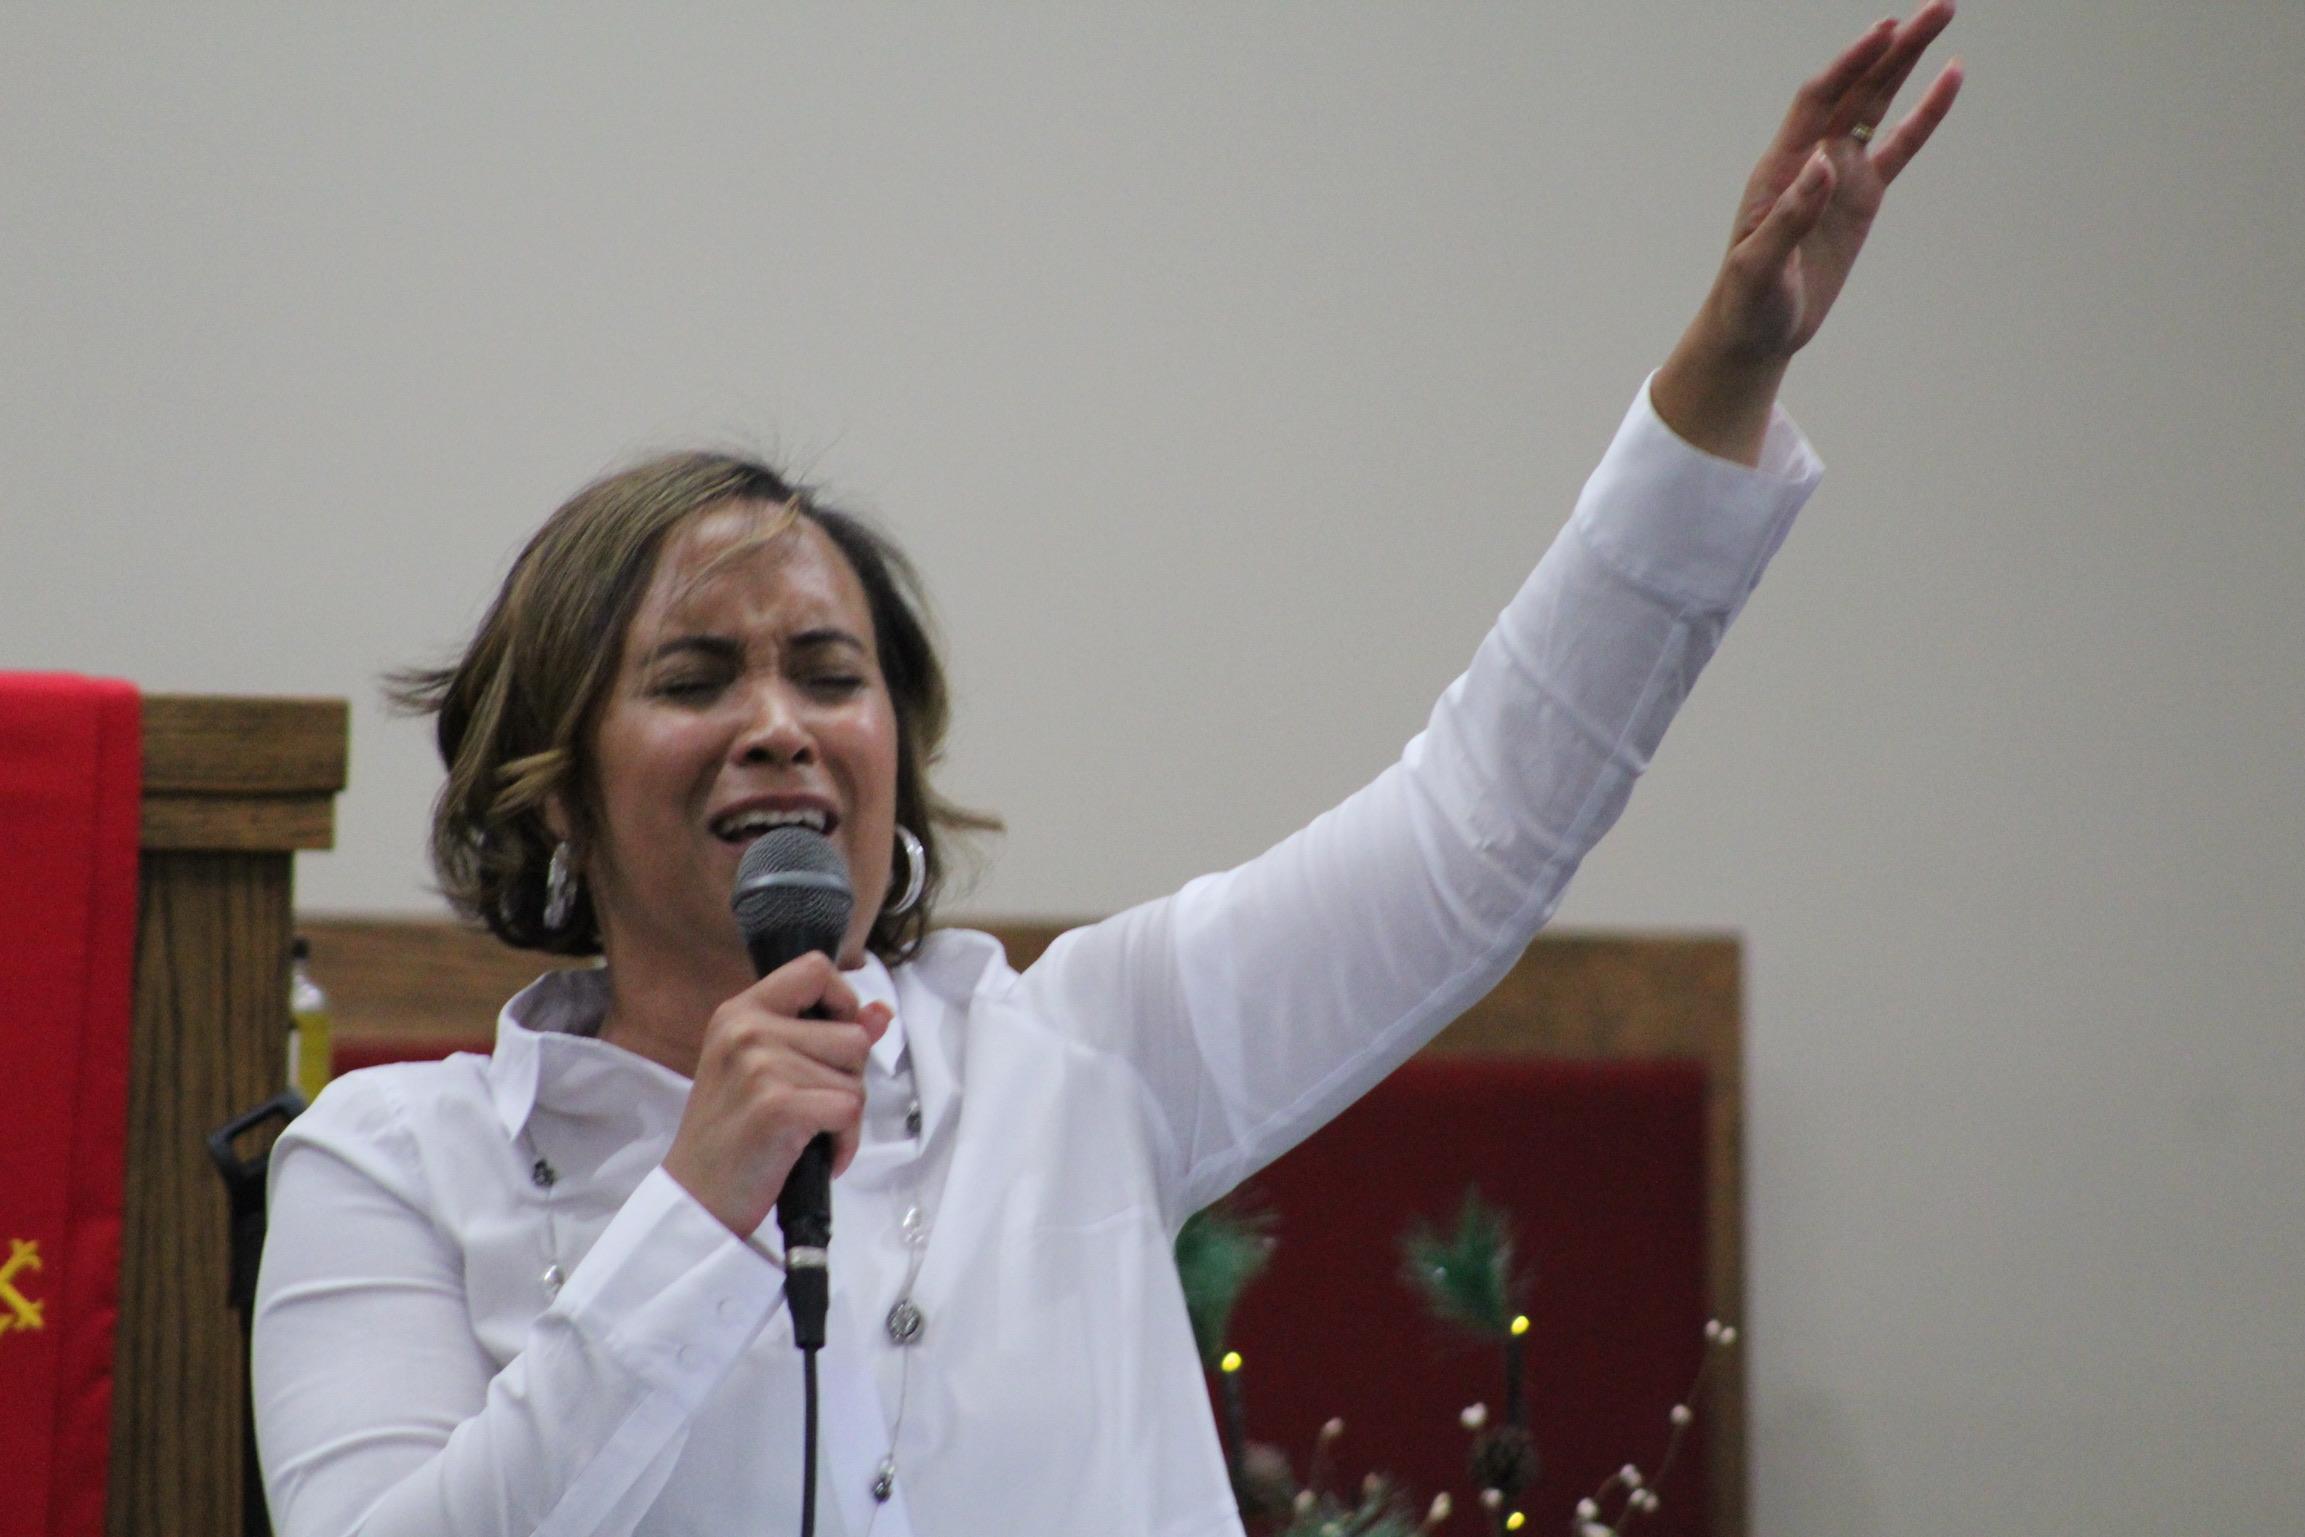 Founder and Speaker, La-Kita Gilmore